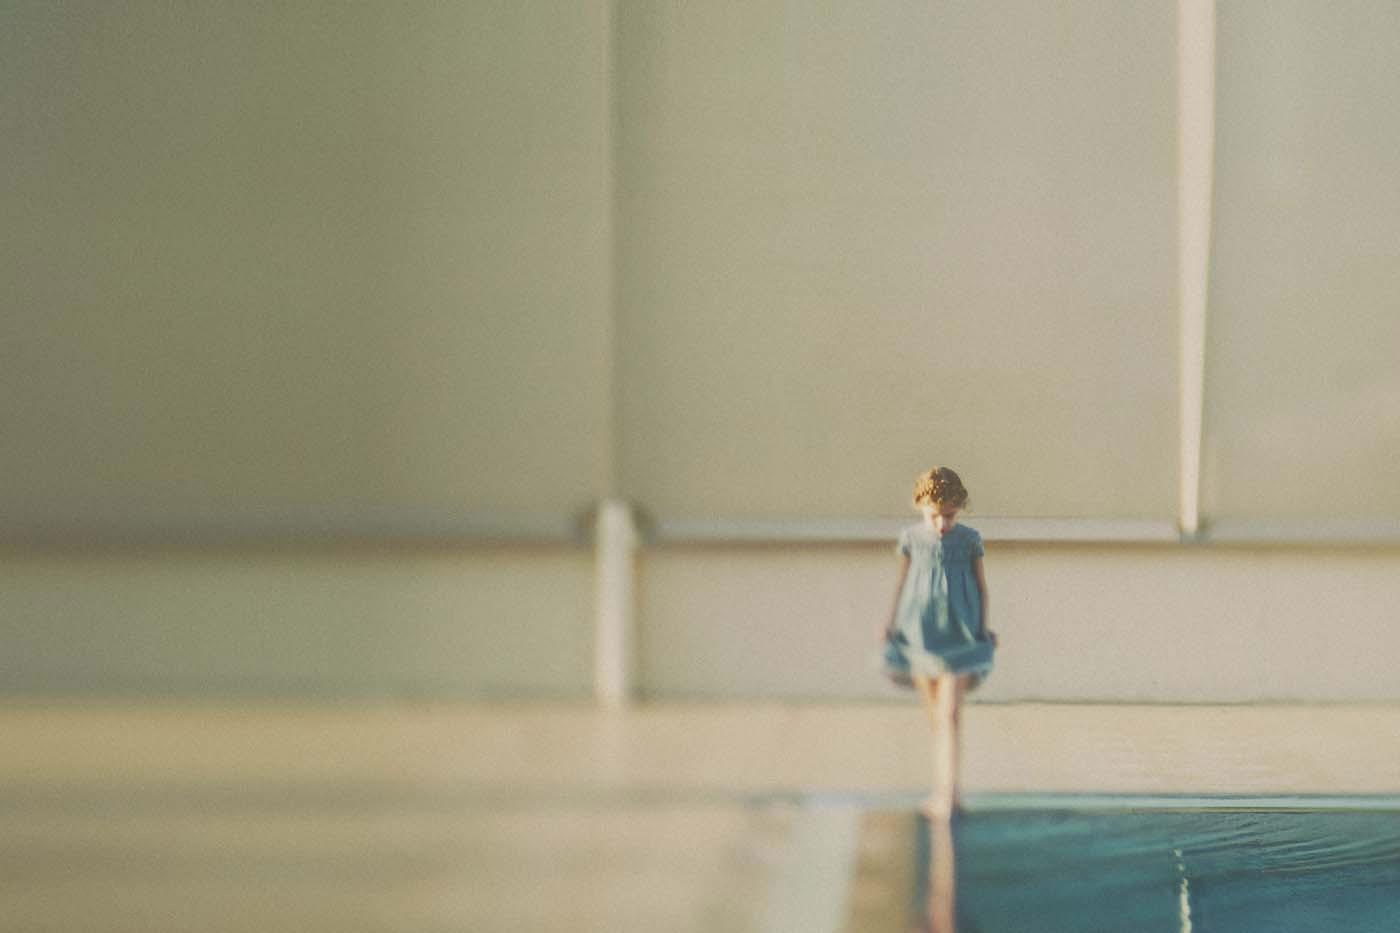 Dip by Emma Wood